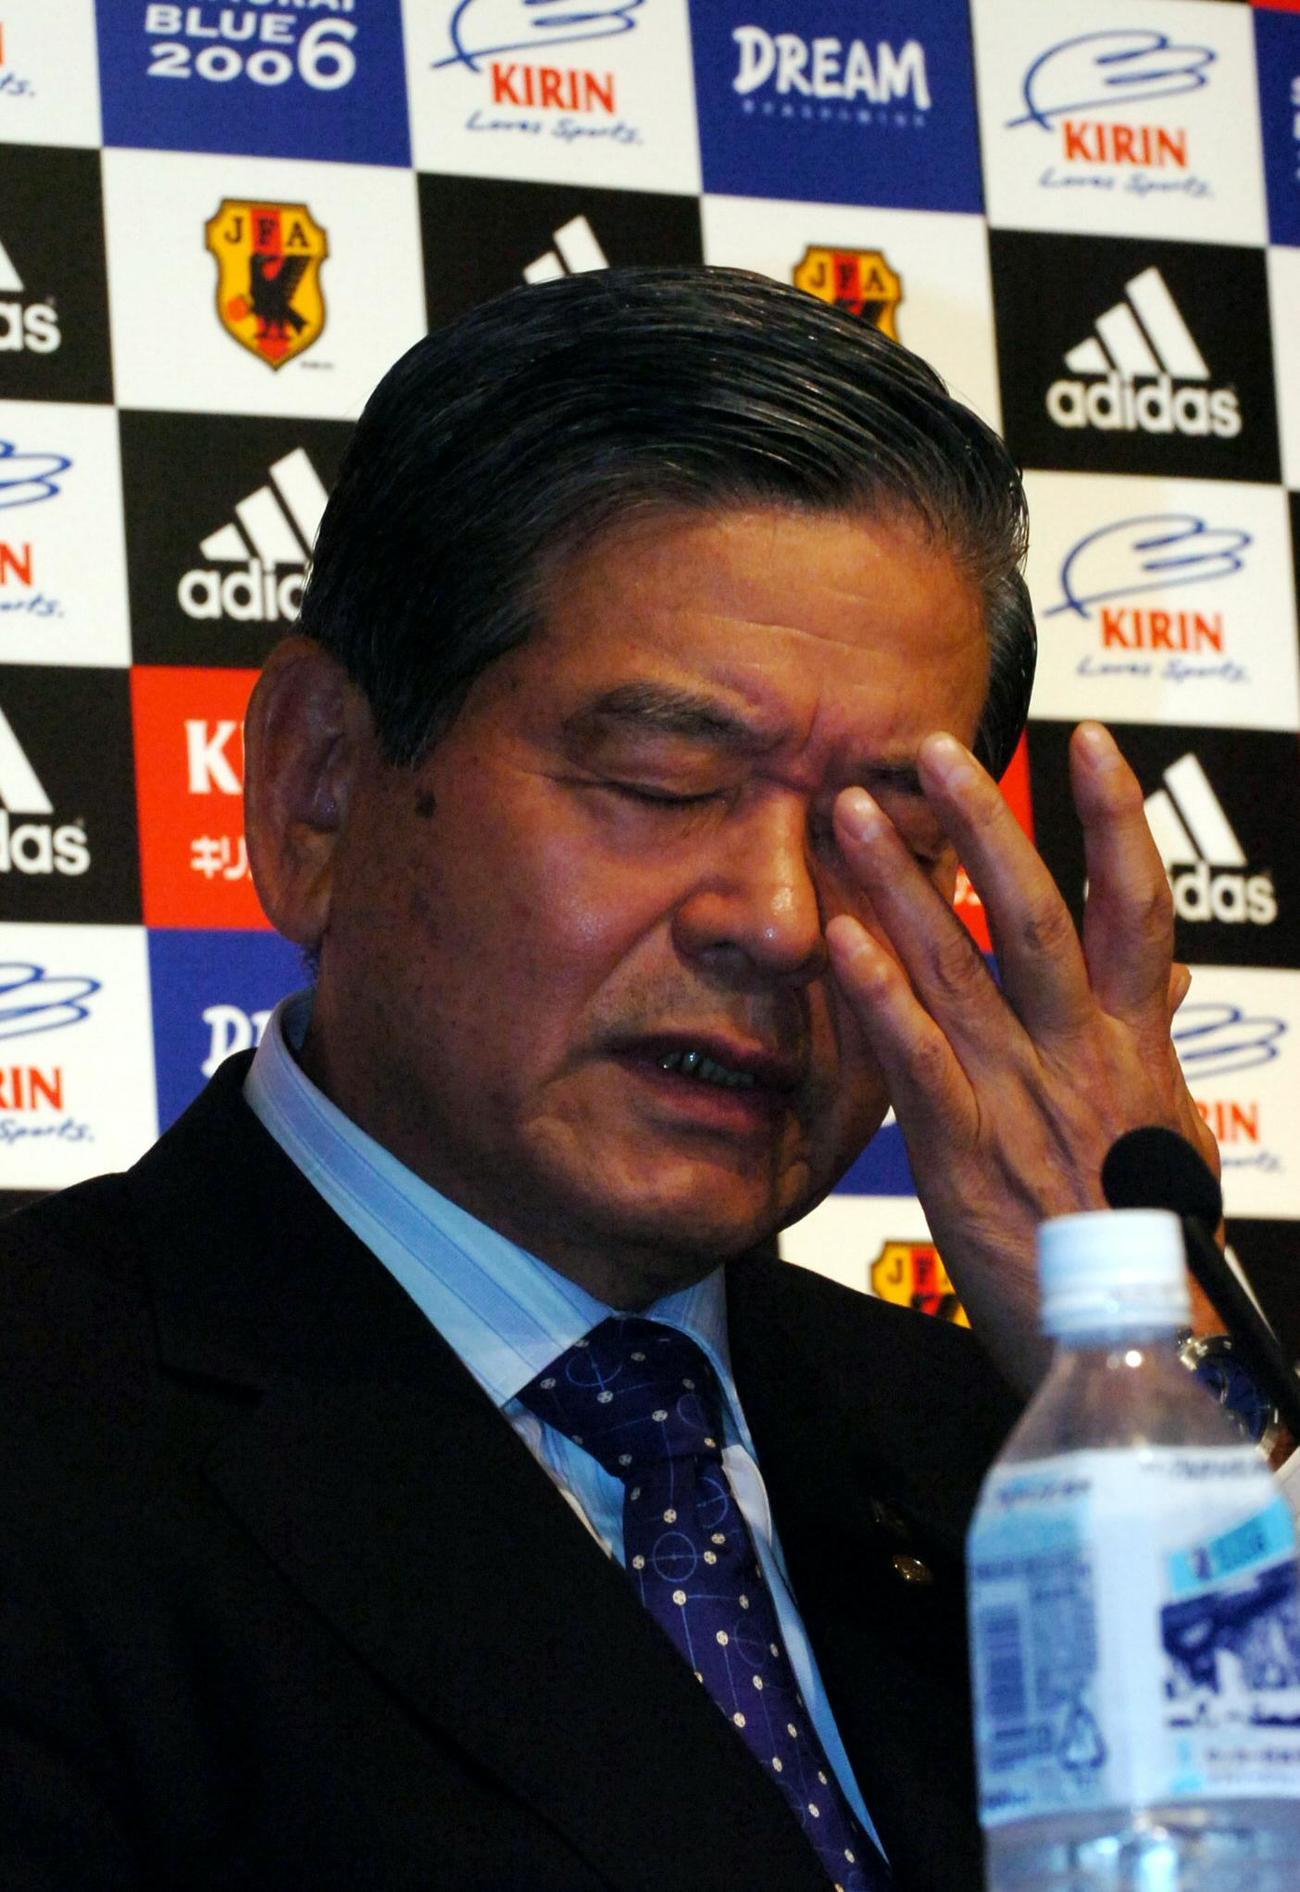 06年6月24日、会見で「オシム監督…」と次監督候補をしゃべってしまった川淵三郎会長は思わぬ失言に頭をかかえた